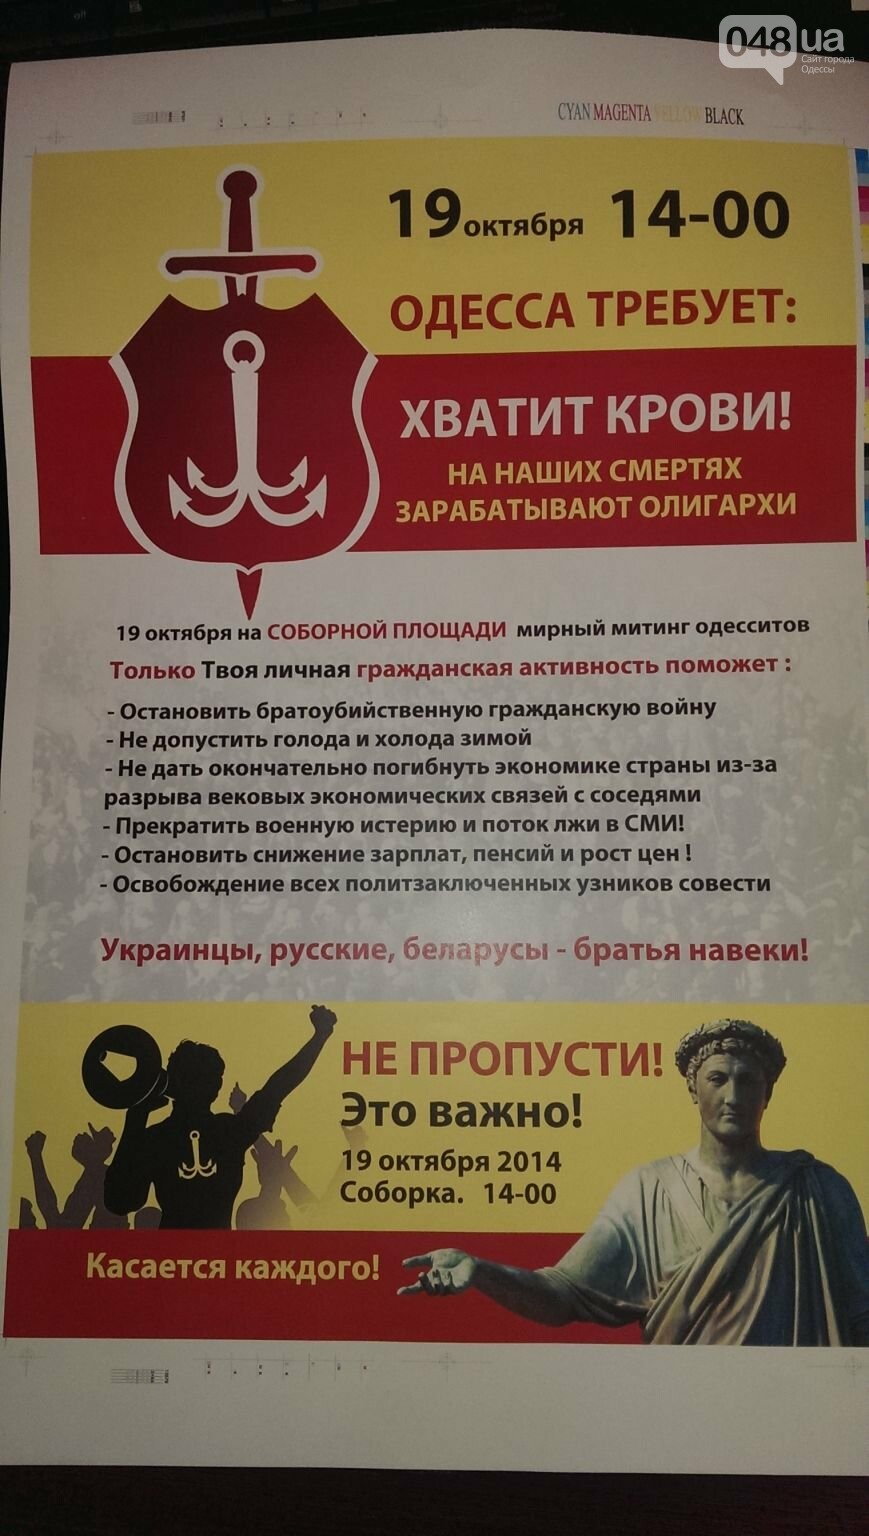 """Кандидаты-""""благотворители"""" массово подкупают избирателей в округах, - КИУ - Цензор.НЕТ 2928"""